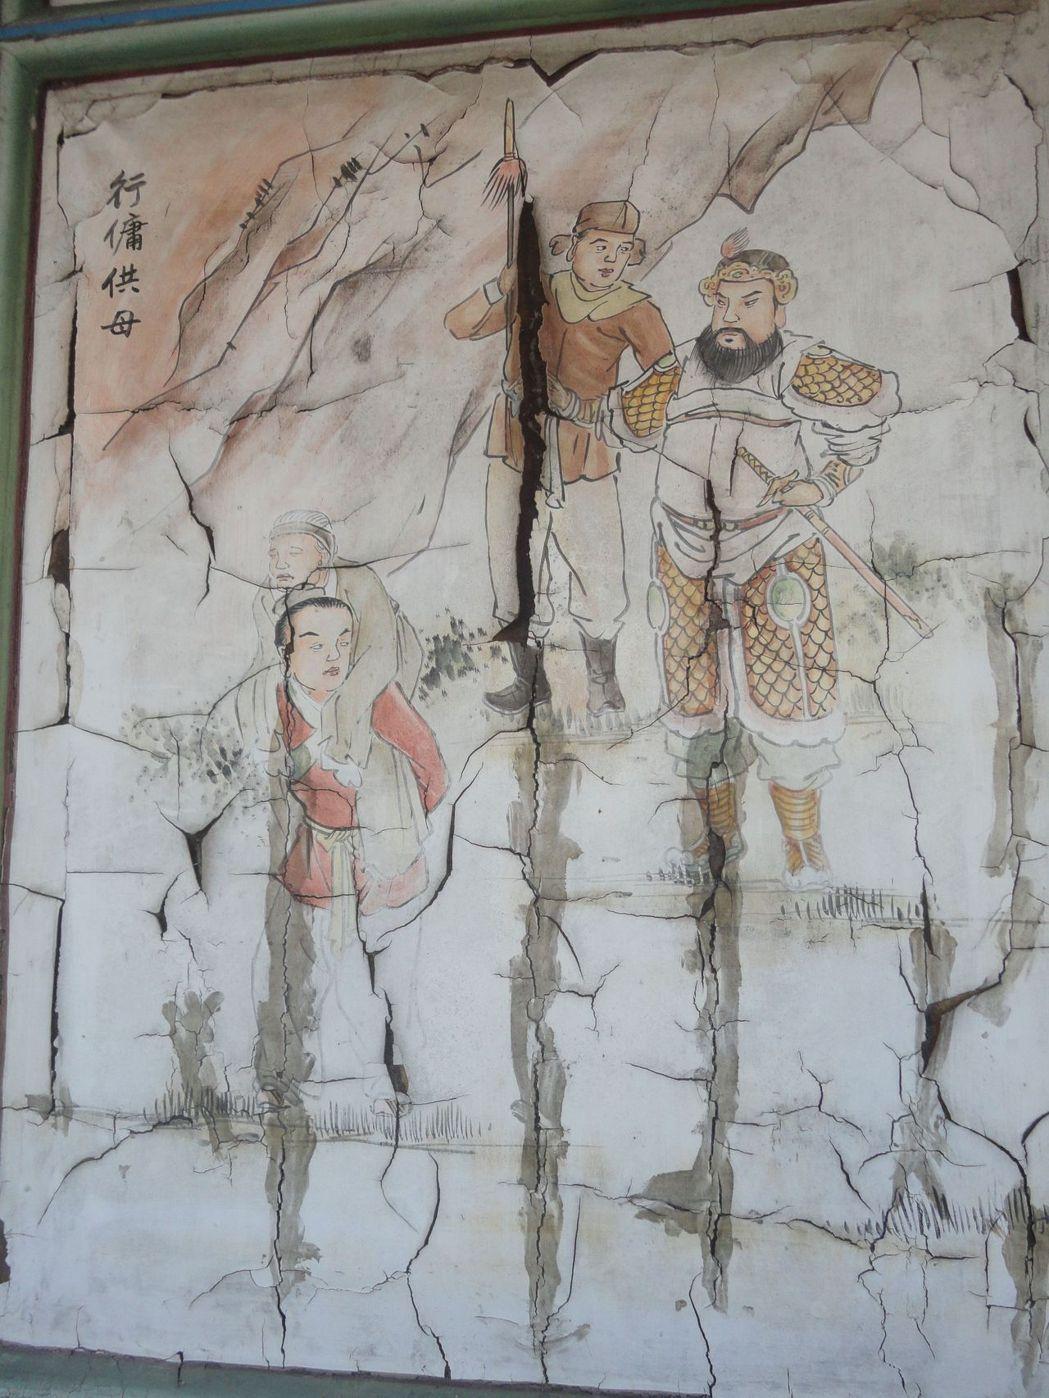 彰化縣鹿港地藏王廟的彩繪嚴重龜裂。記者簡慧珍/攝影